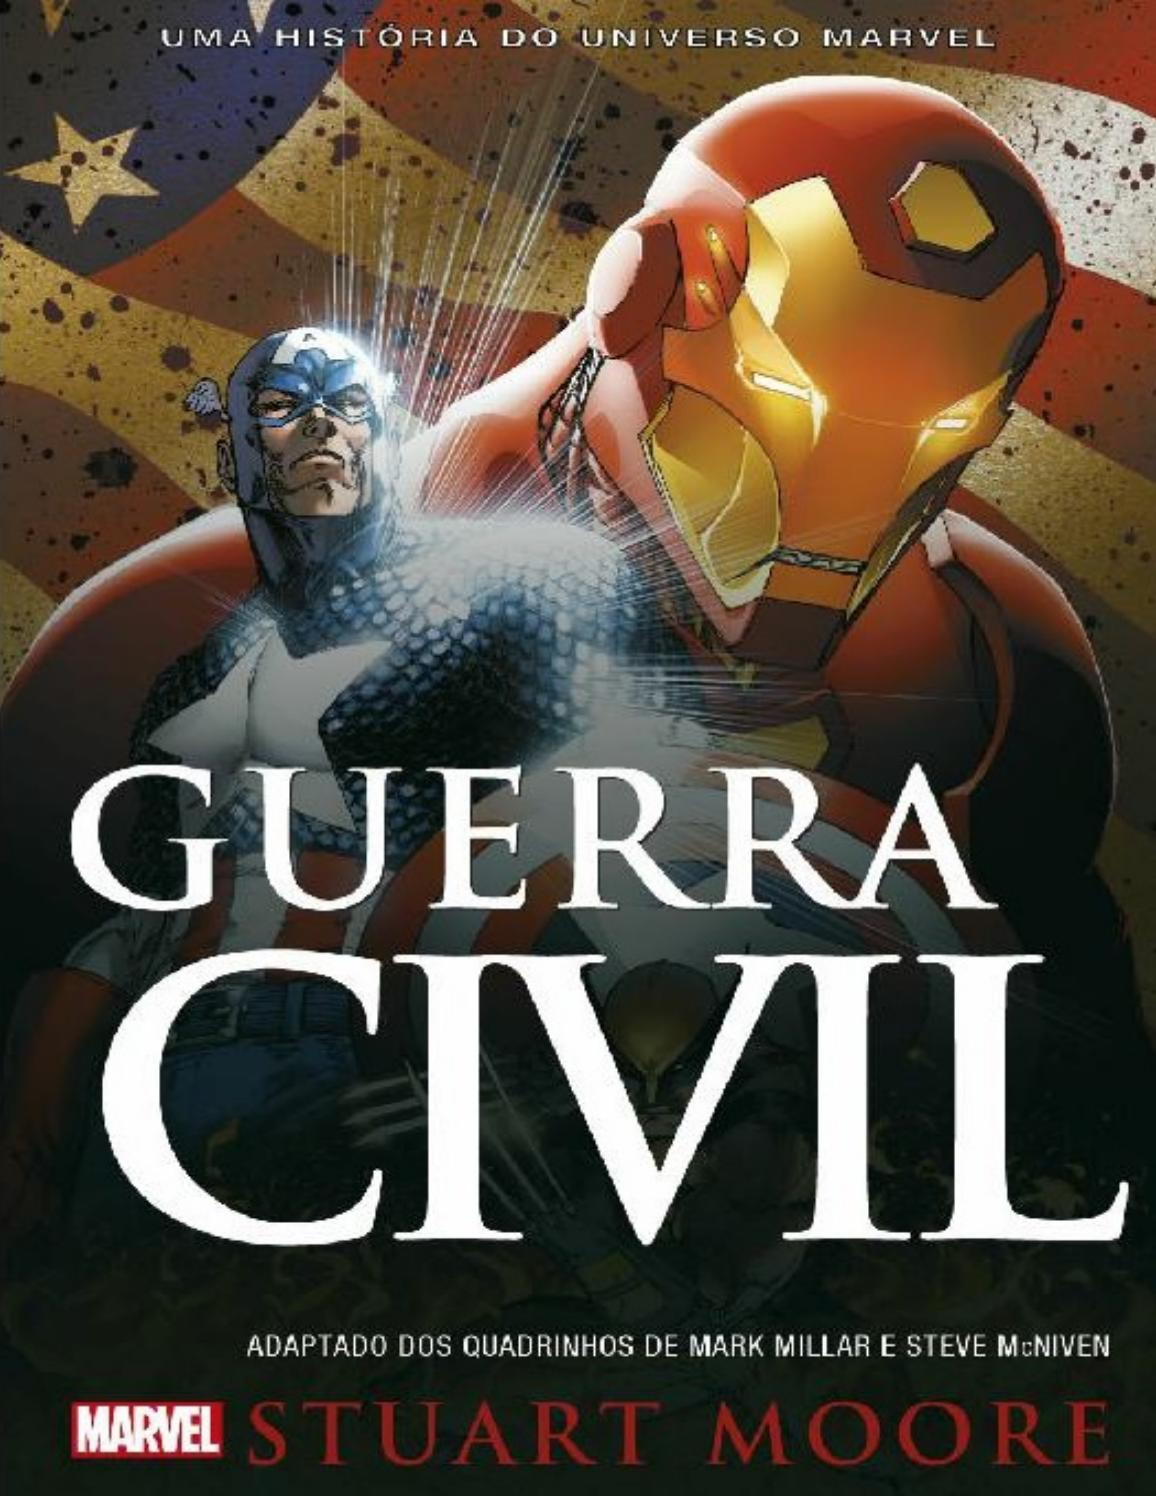 Guerra civil uma historia do stuart moore by Pedro Moraes - issuu 4da886887a3b8